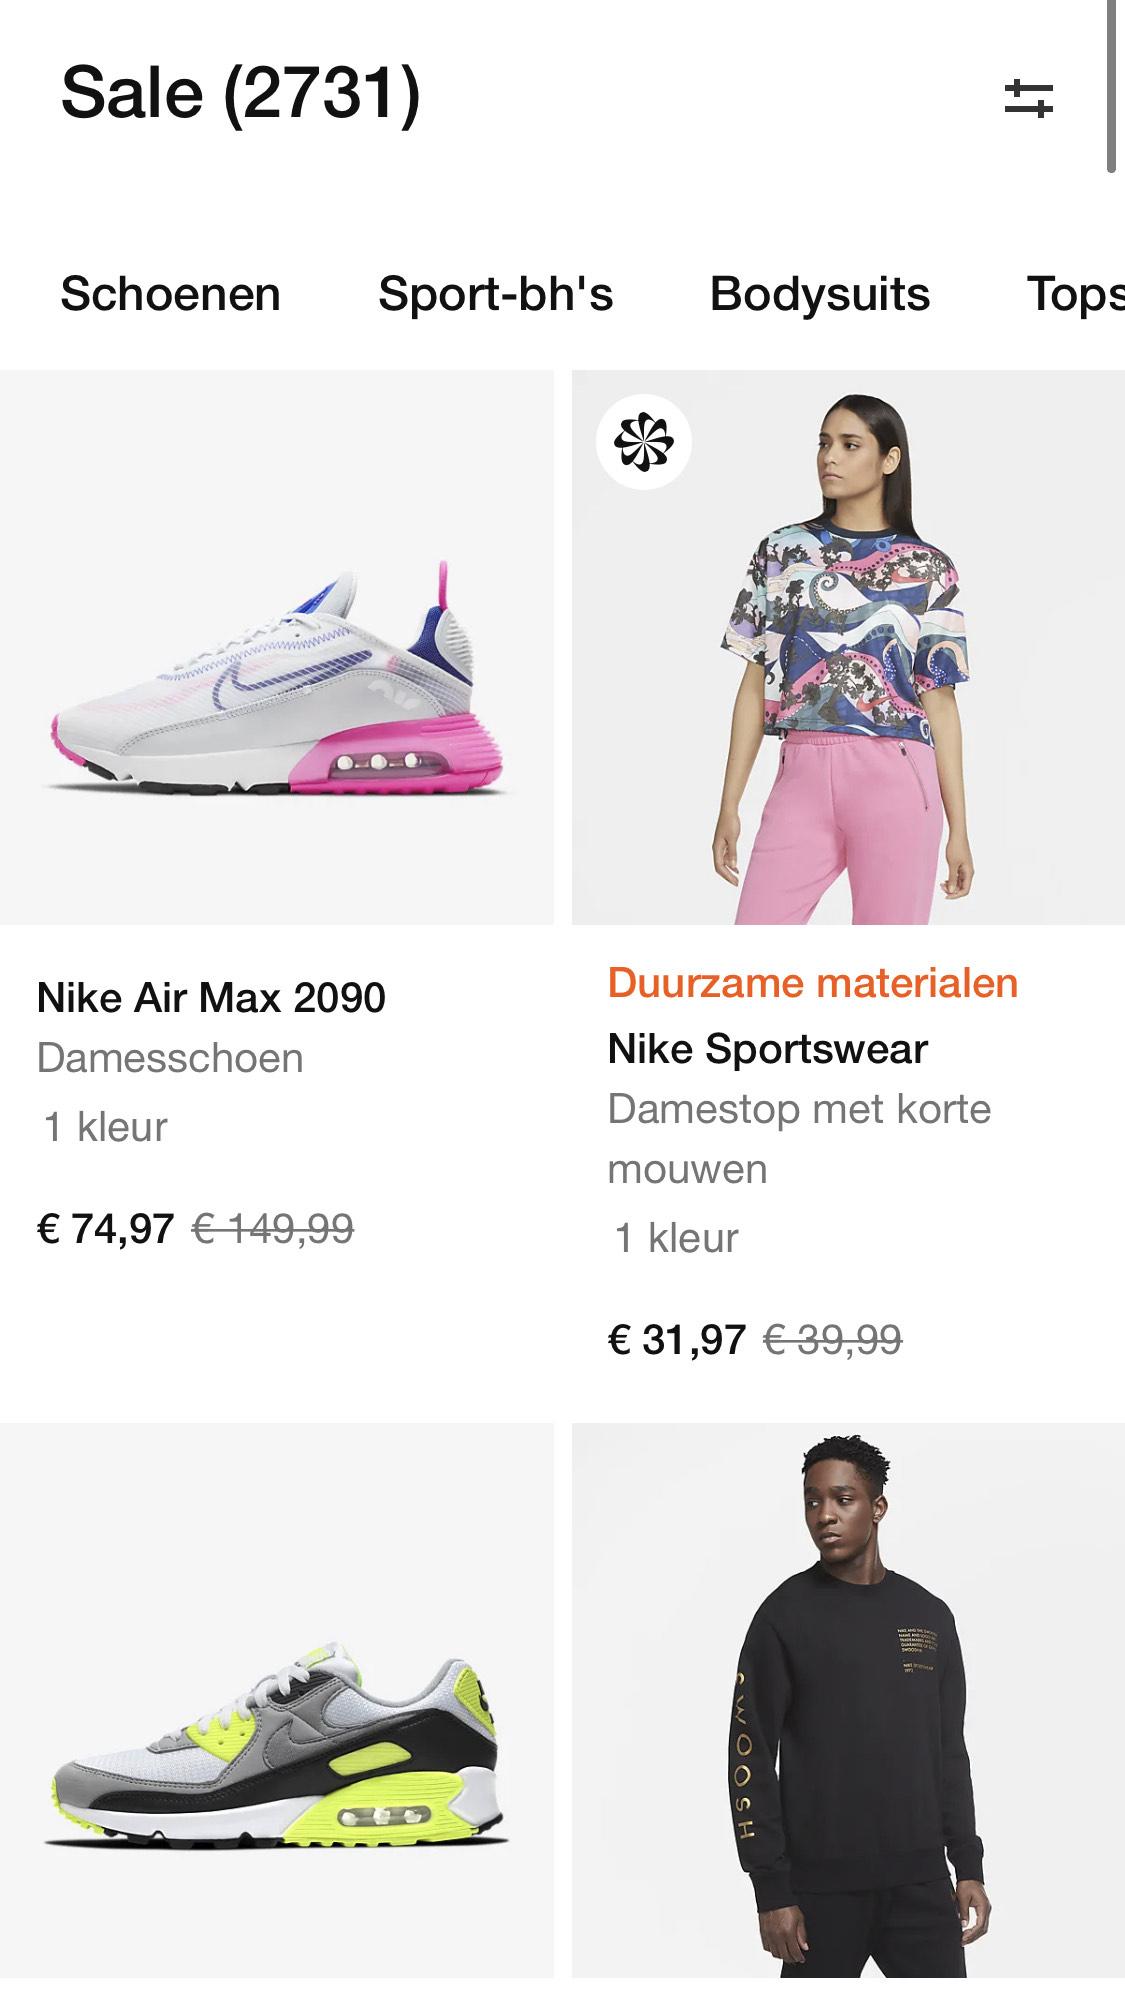 Nike - End of season sale, korting tot 50%